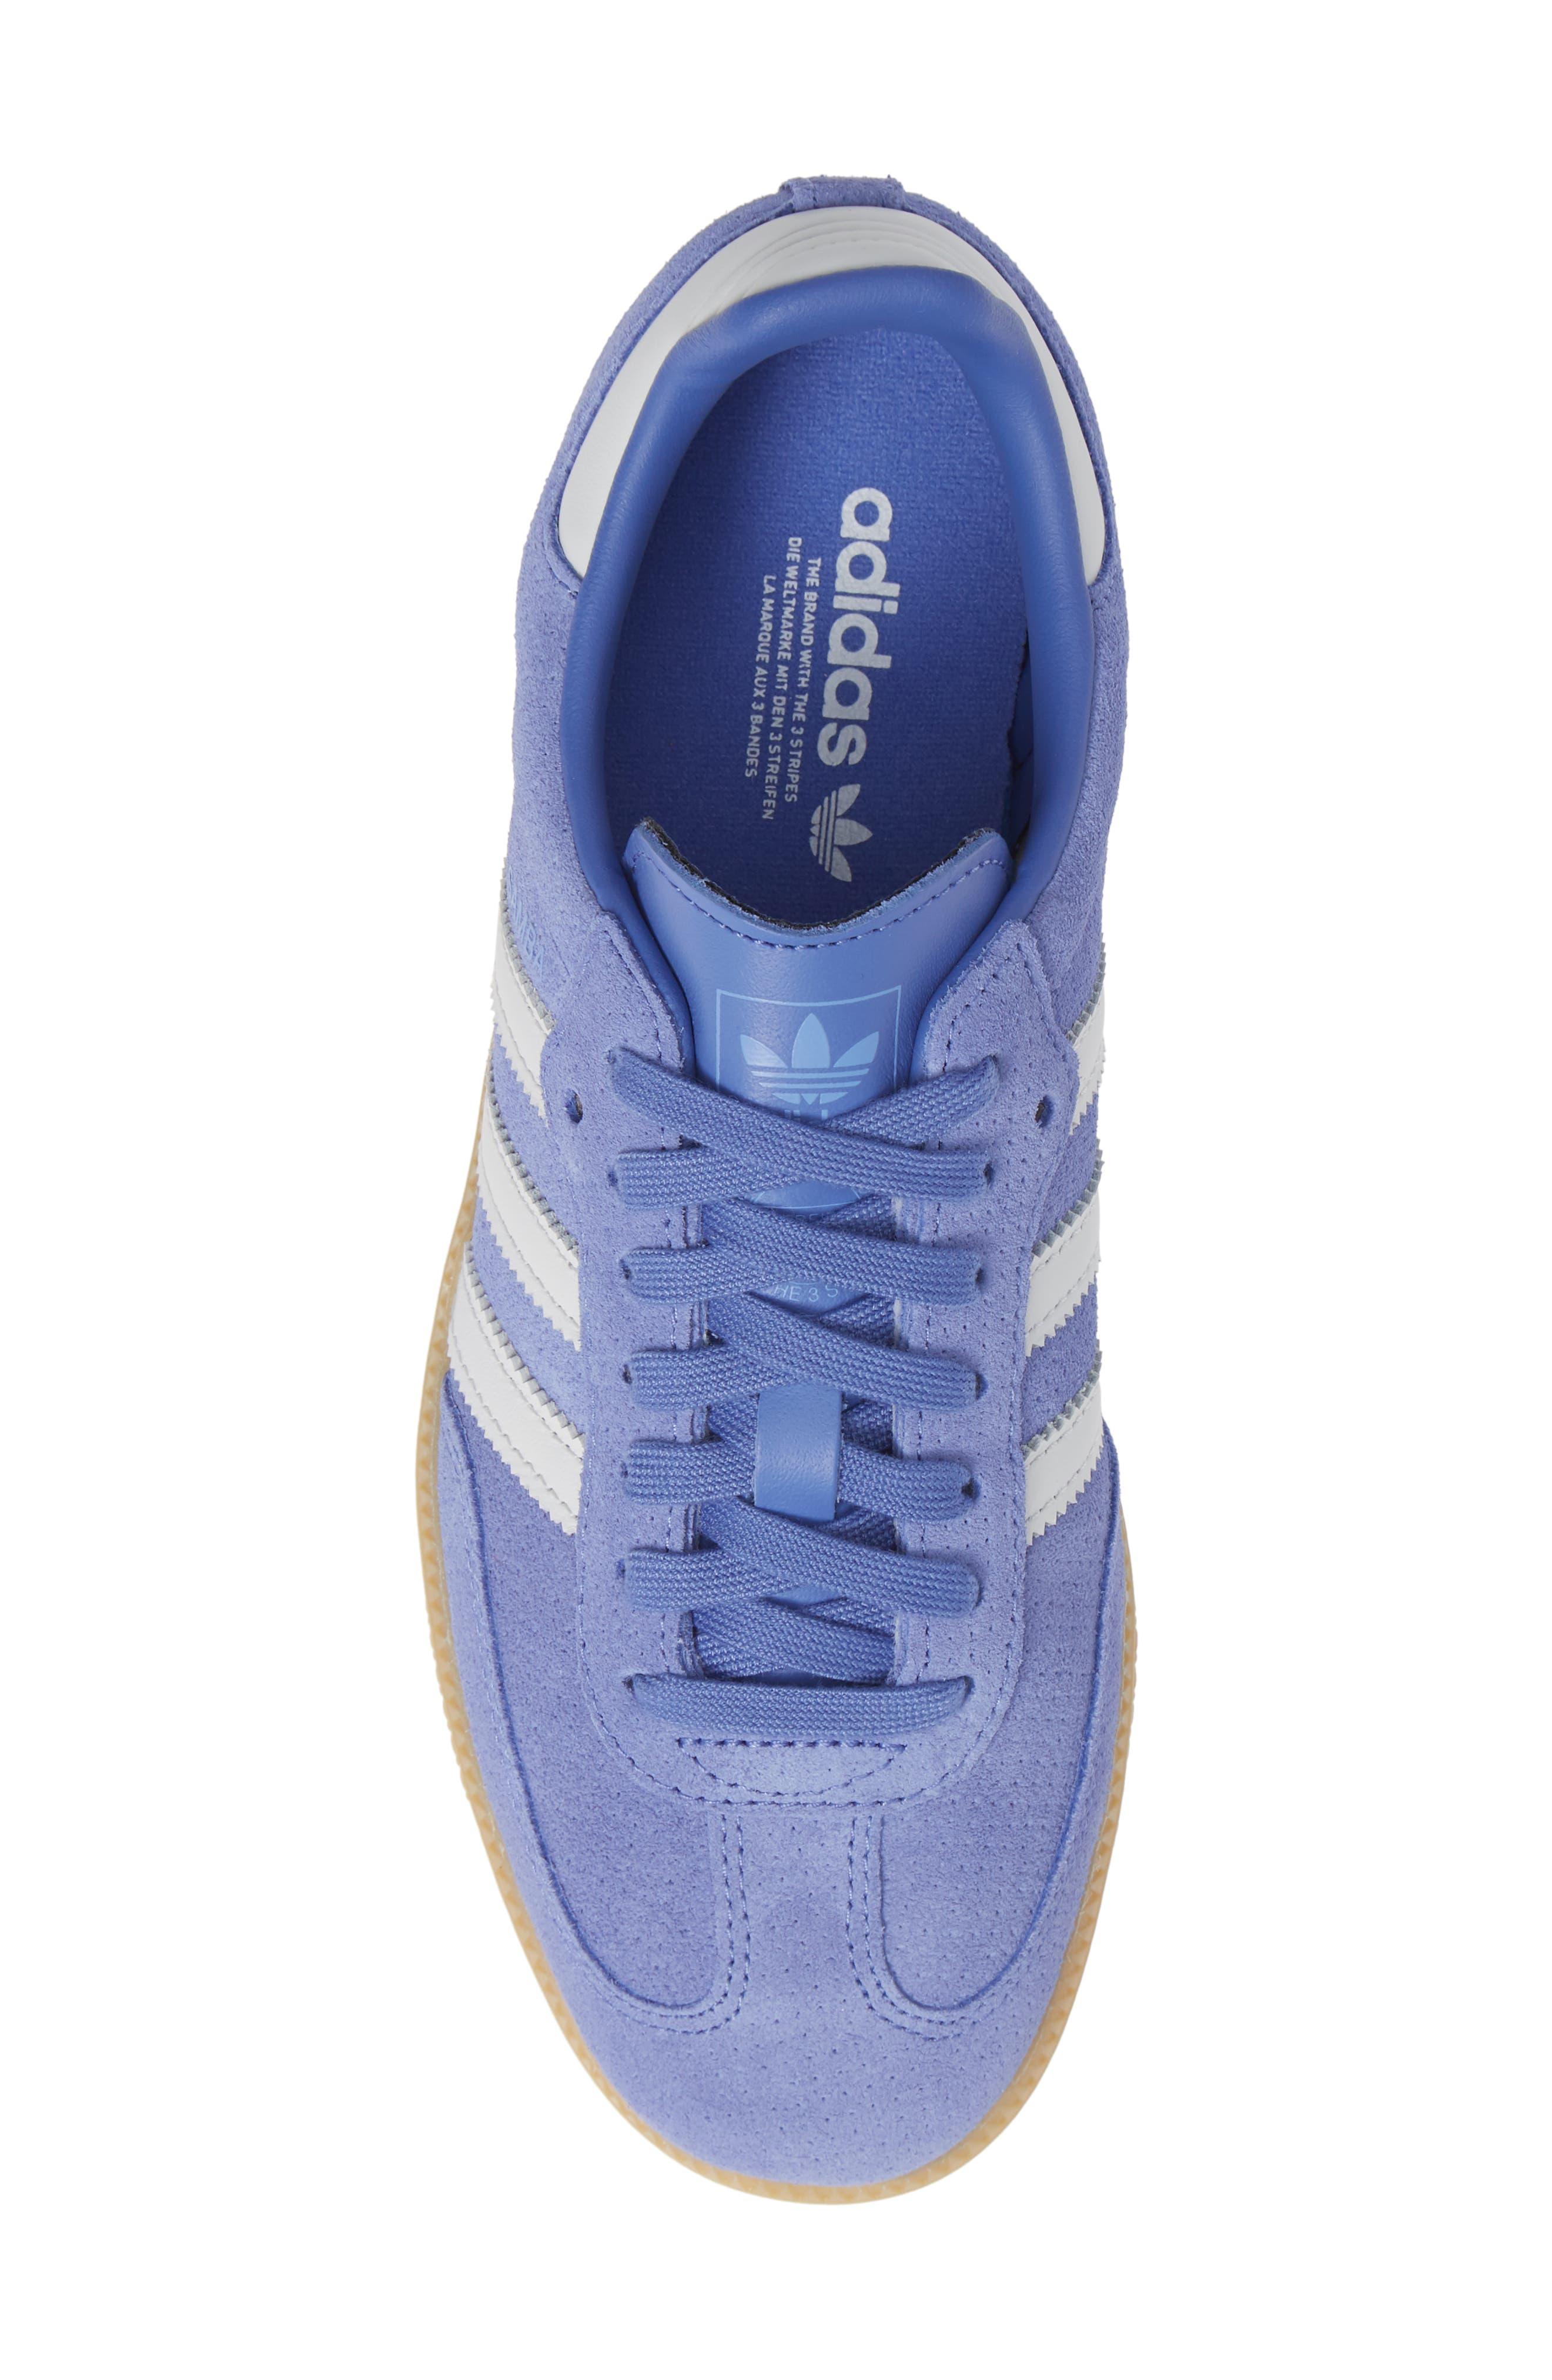 Samba OG Low Top Sneaker,                             Alternate thumbnail 5, color,                             536